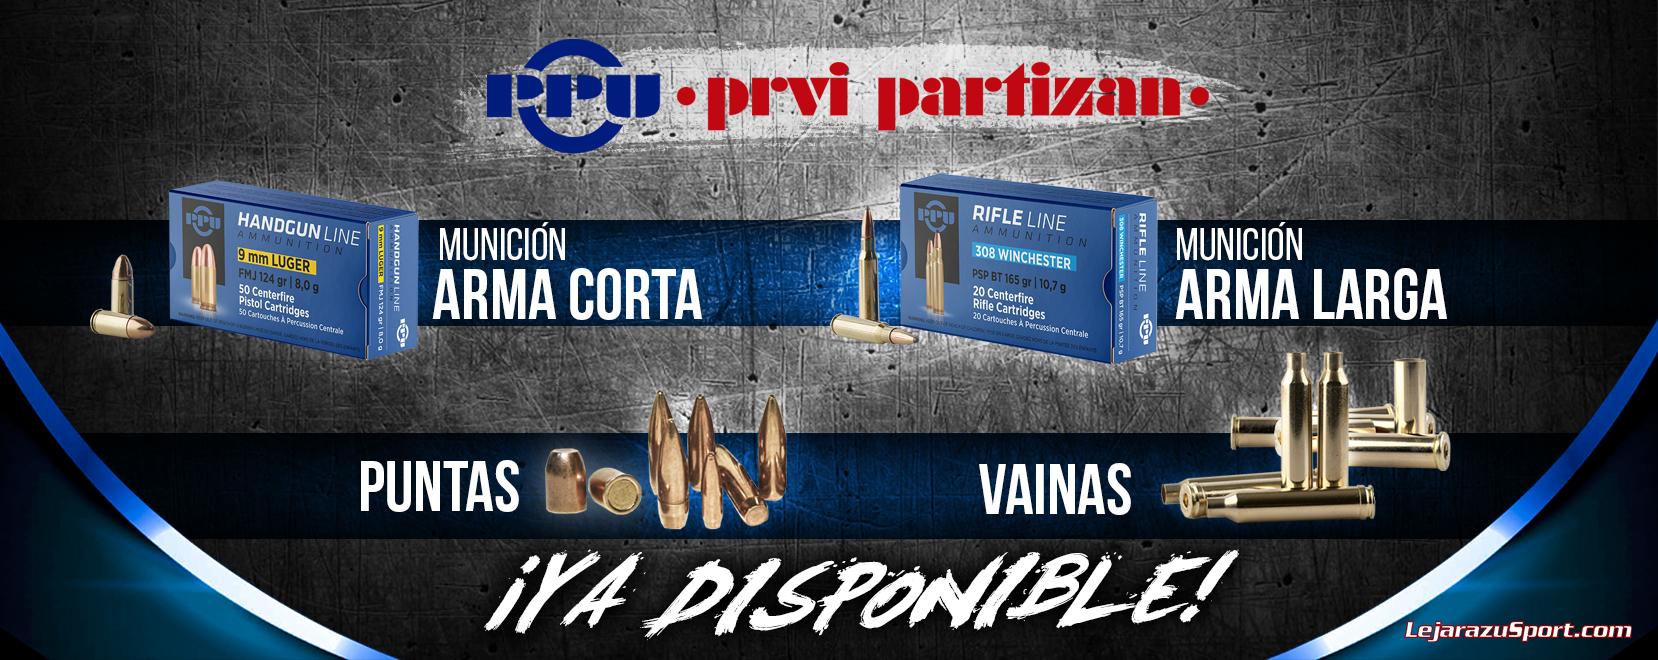 Prvi Partizan ya en LejarazuSport.com